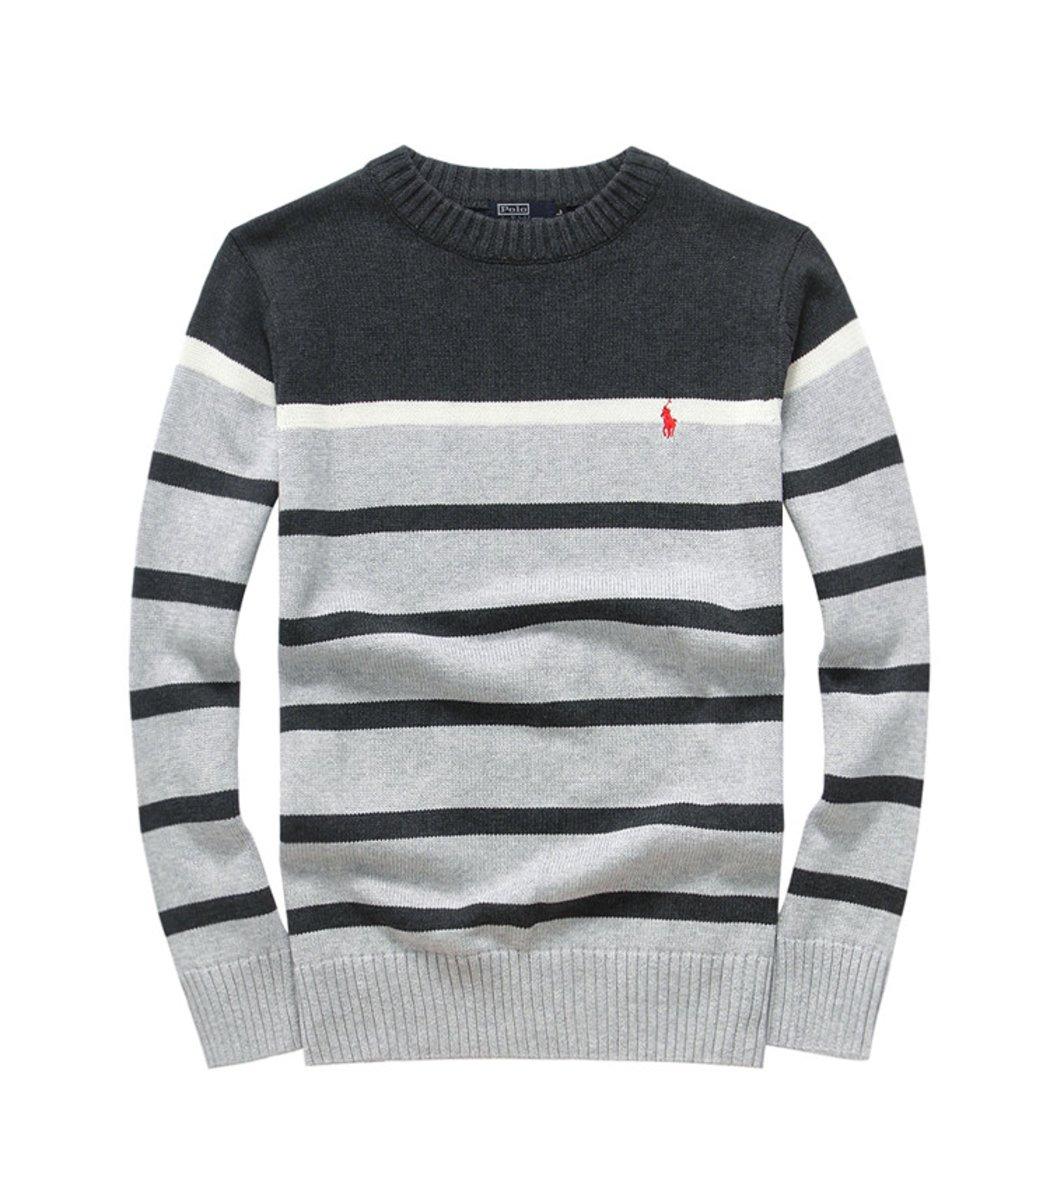 Темно-серый джемпер POLO Ralph Lauren в серую полоску JR2